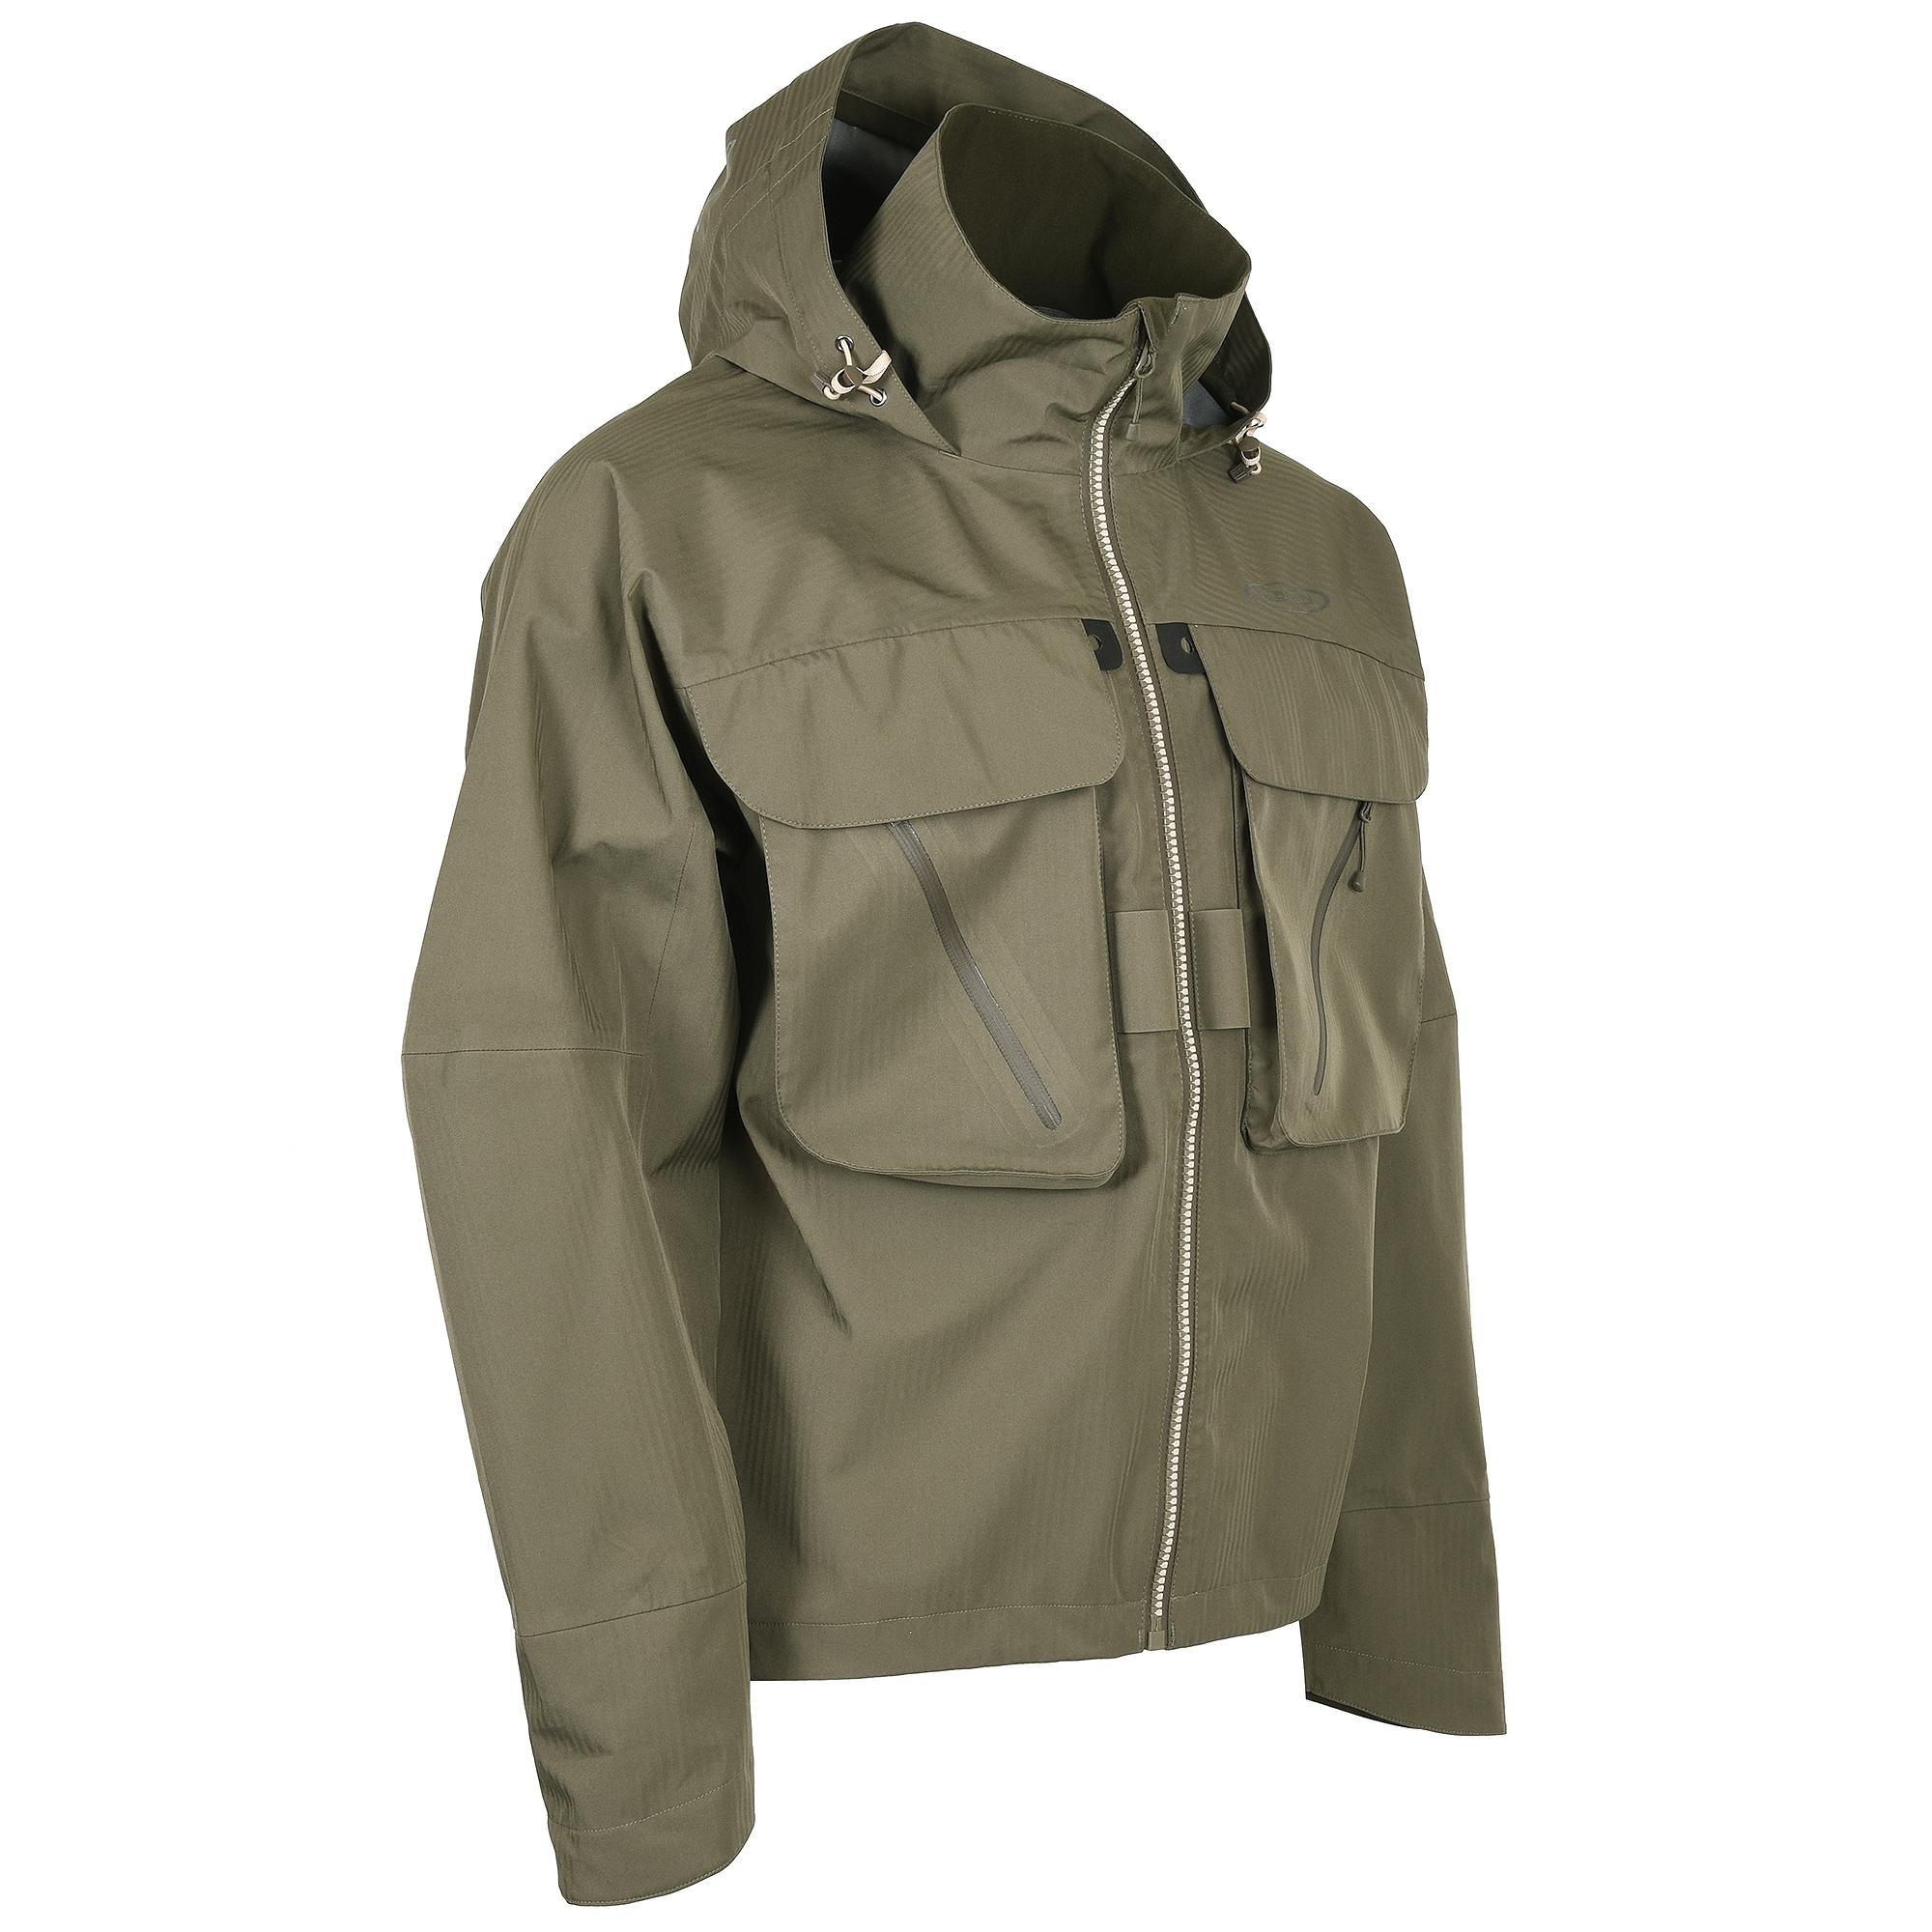 Tool Jacket